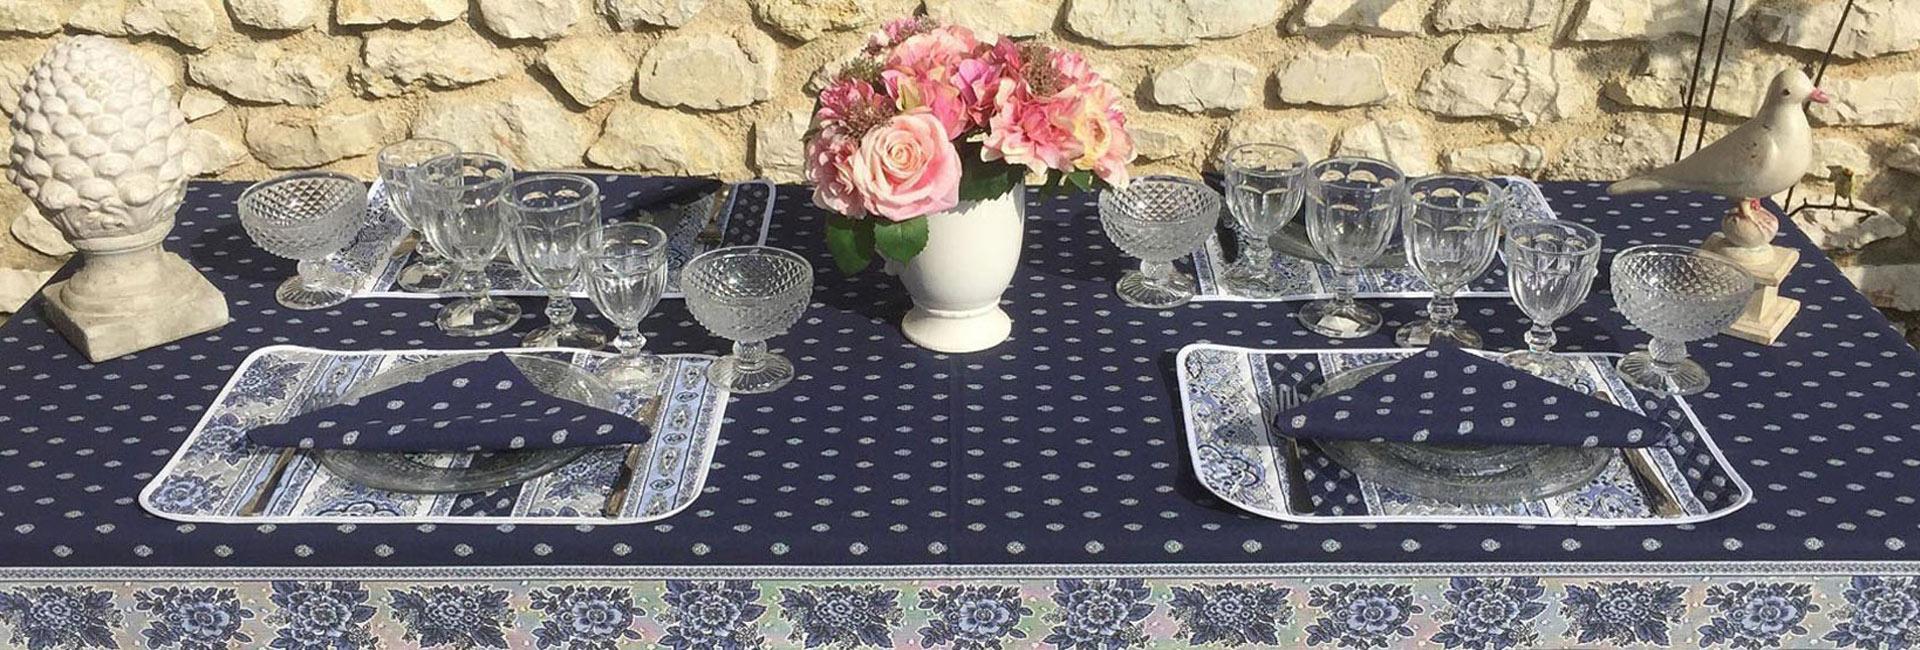 """Nappe provenale rectangulaire en coton """"Bastide"""" bleue et blanche Marat d'Avignon"""